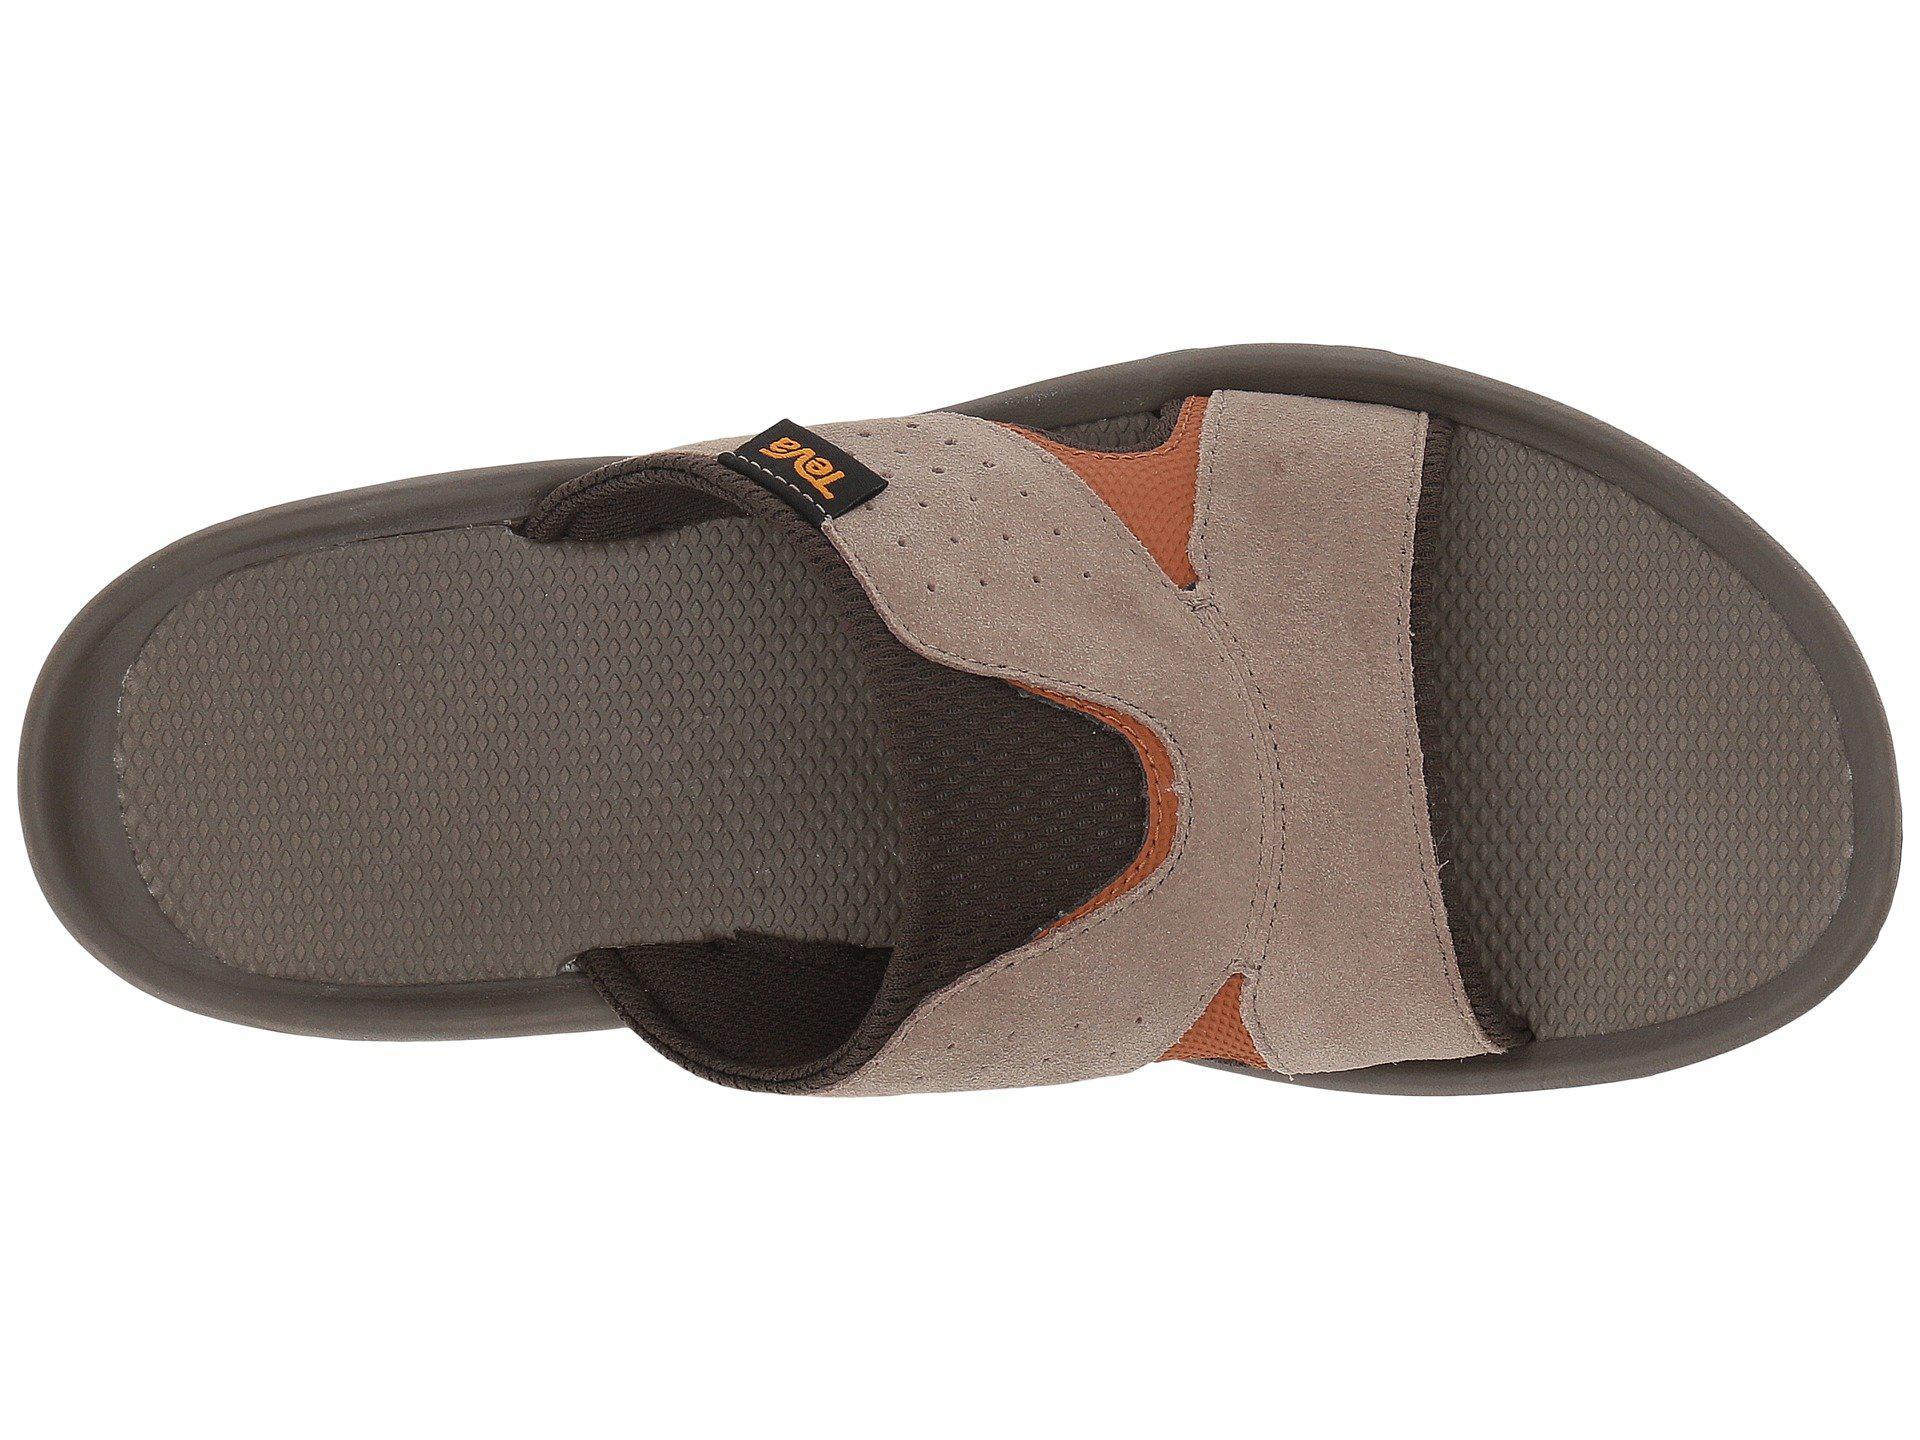 c3436da94873 Teva - Multicolor Katavi 2 Slide (walnut) Men s Slide Shoes for Men - Lyst.  View fullscreen